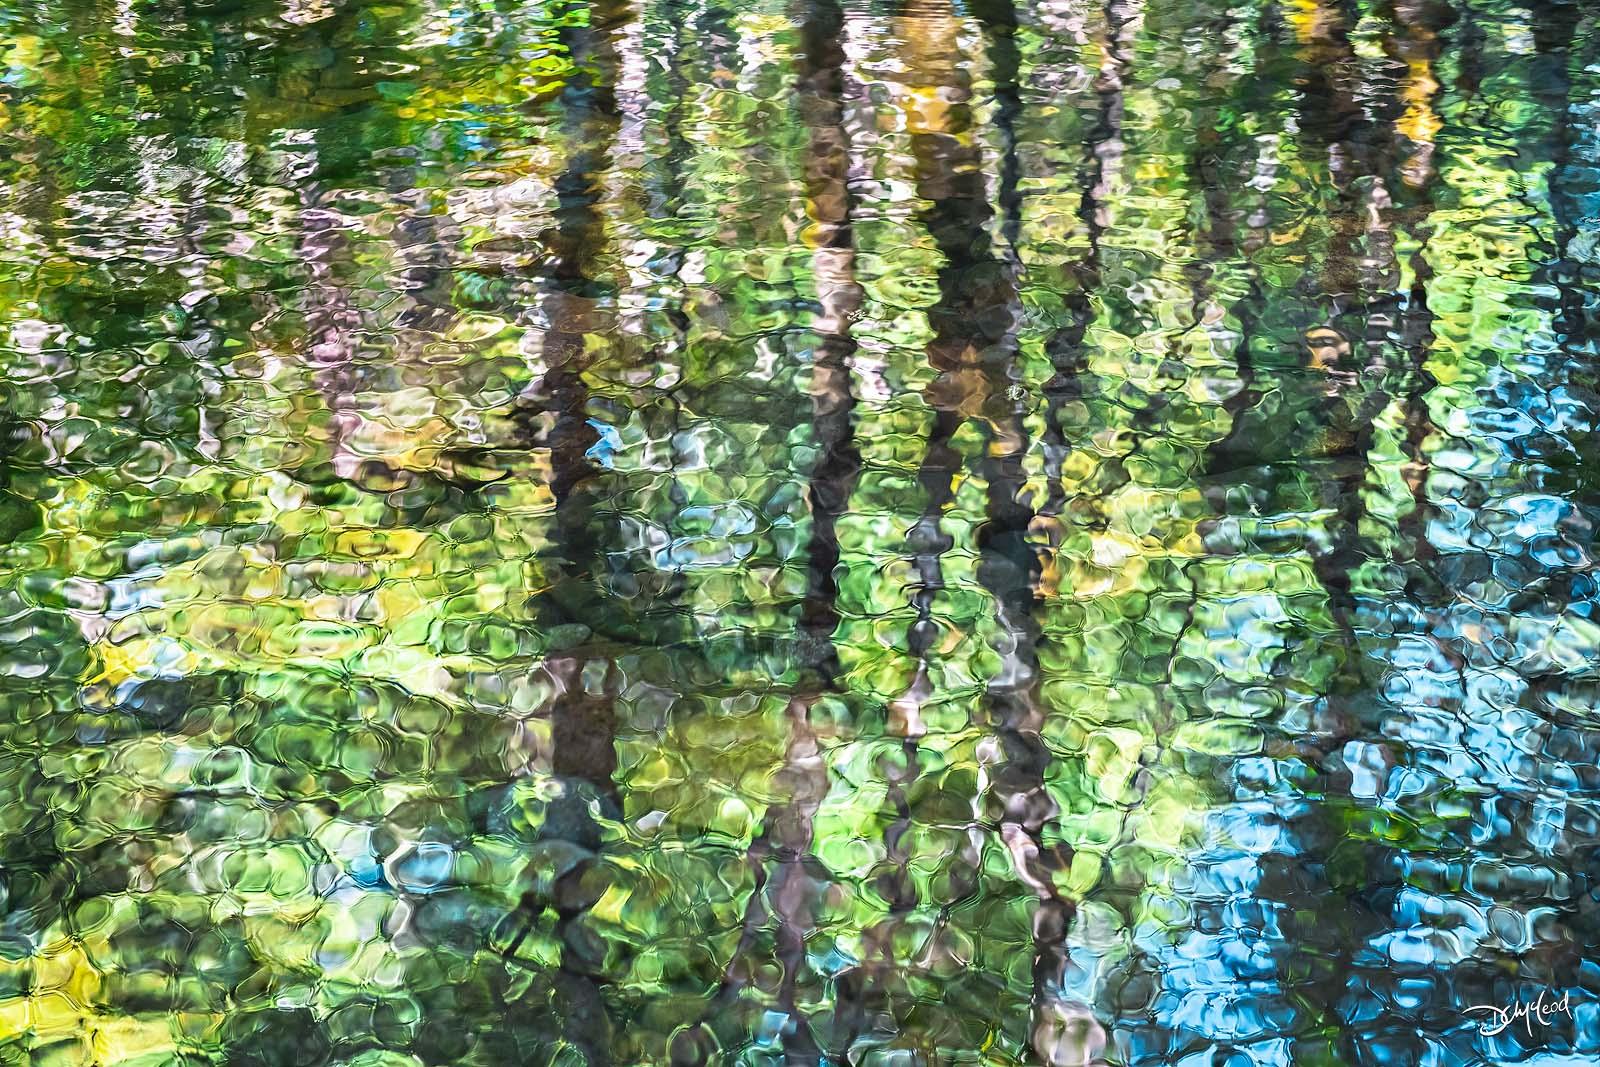 shimmer, falls creek, washington, abstract, water, reflection, photo